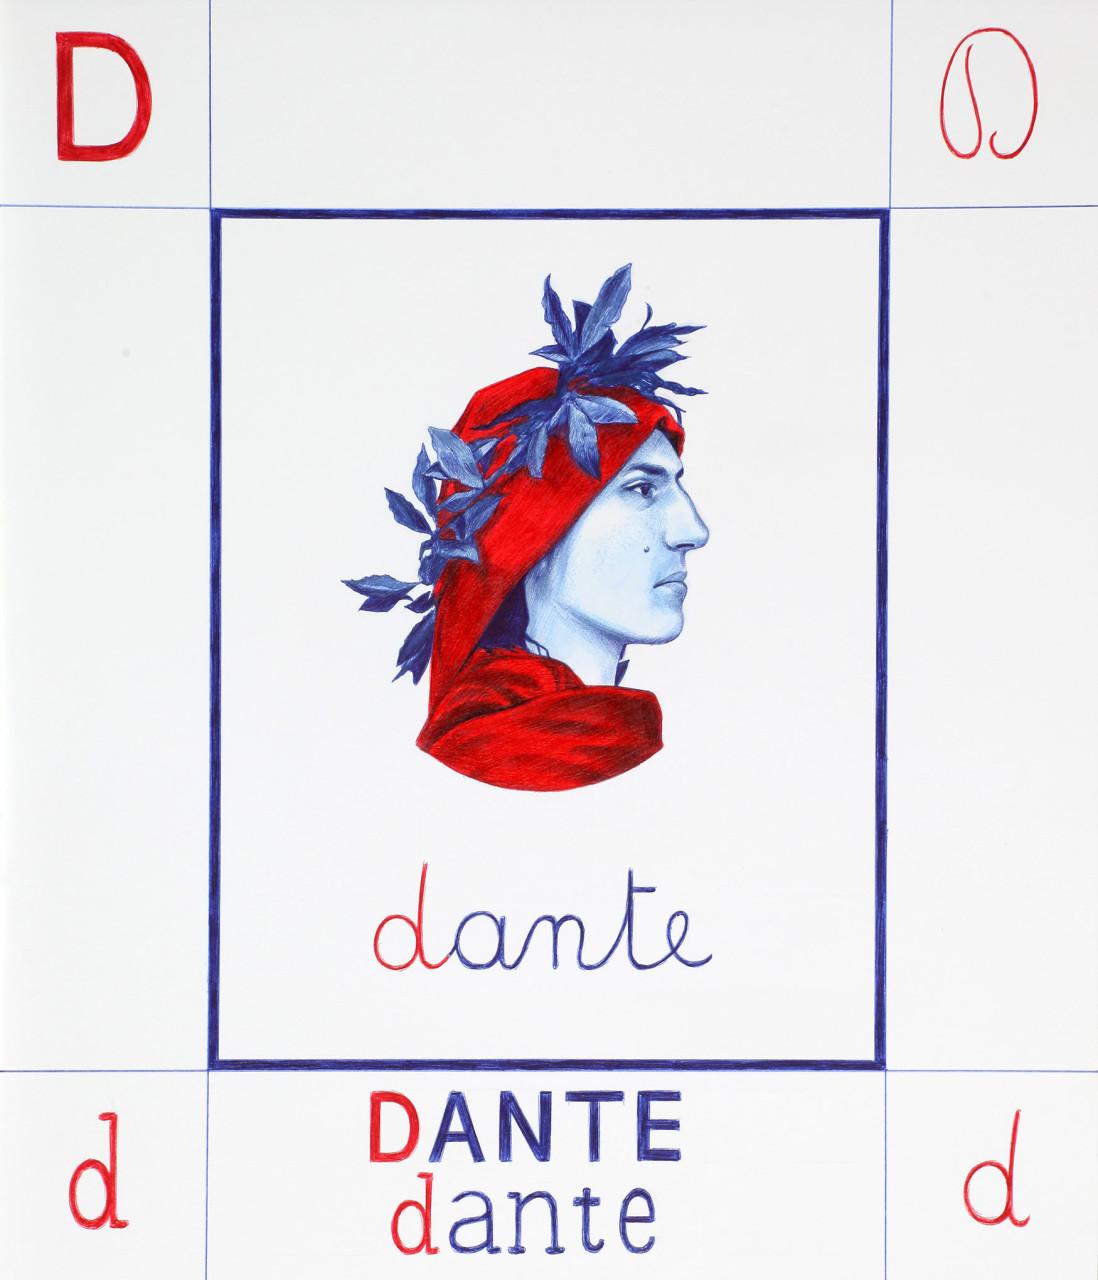 04D-dante_bassa